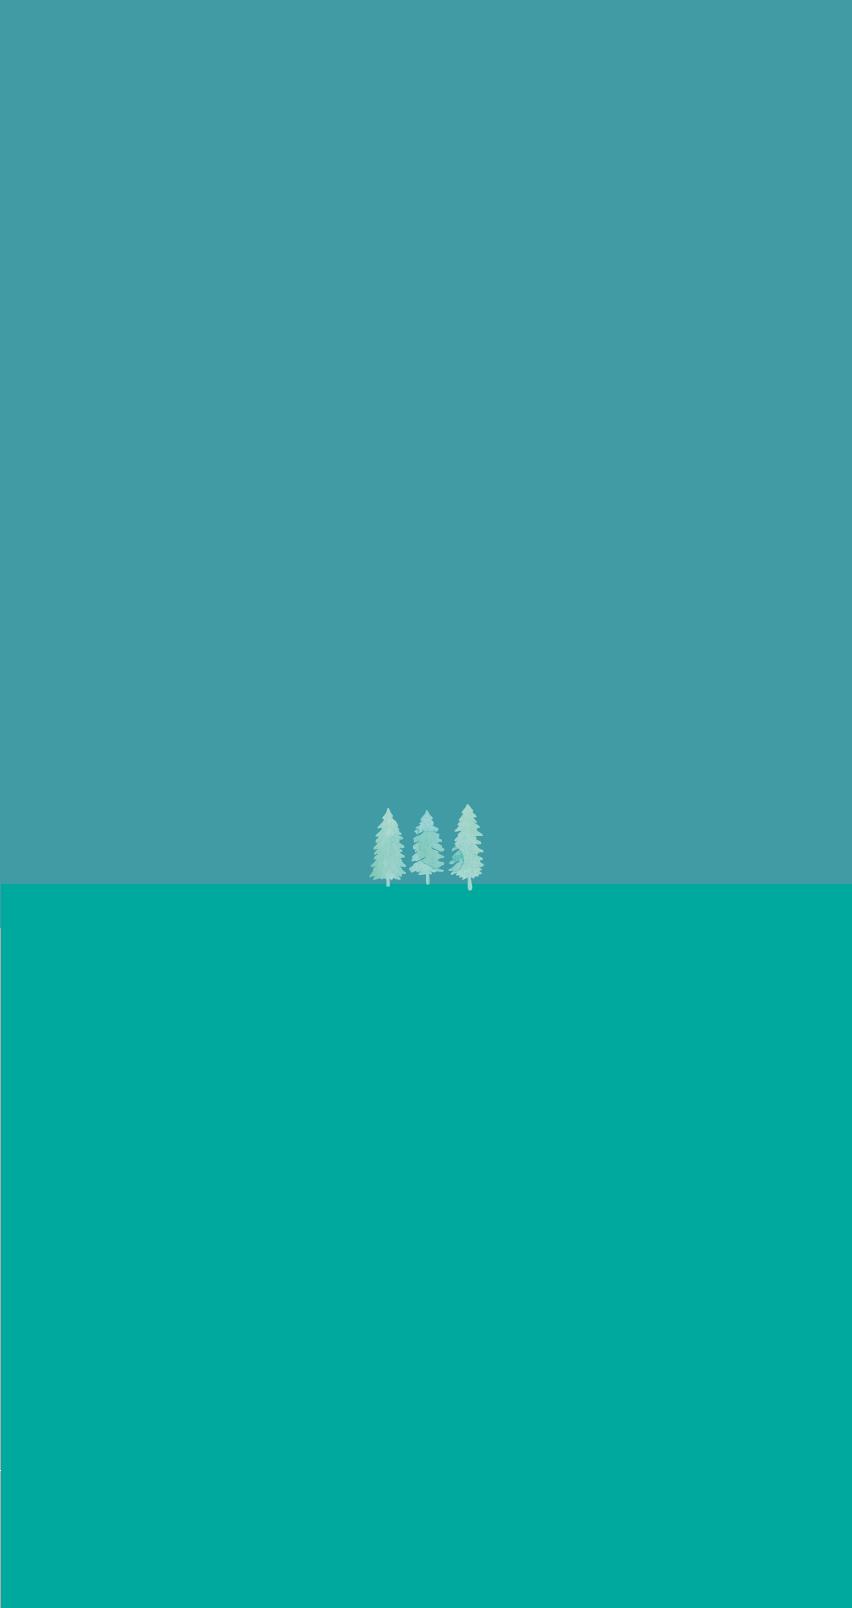 Drei grüne Bäume auf einer grünen Fläche